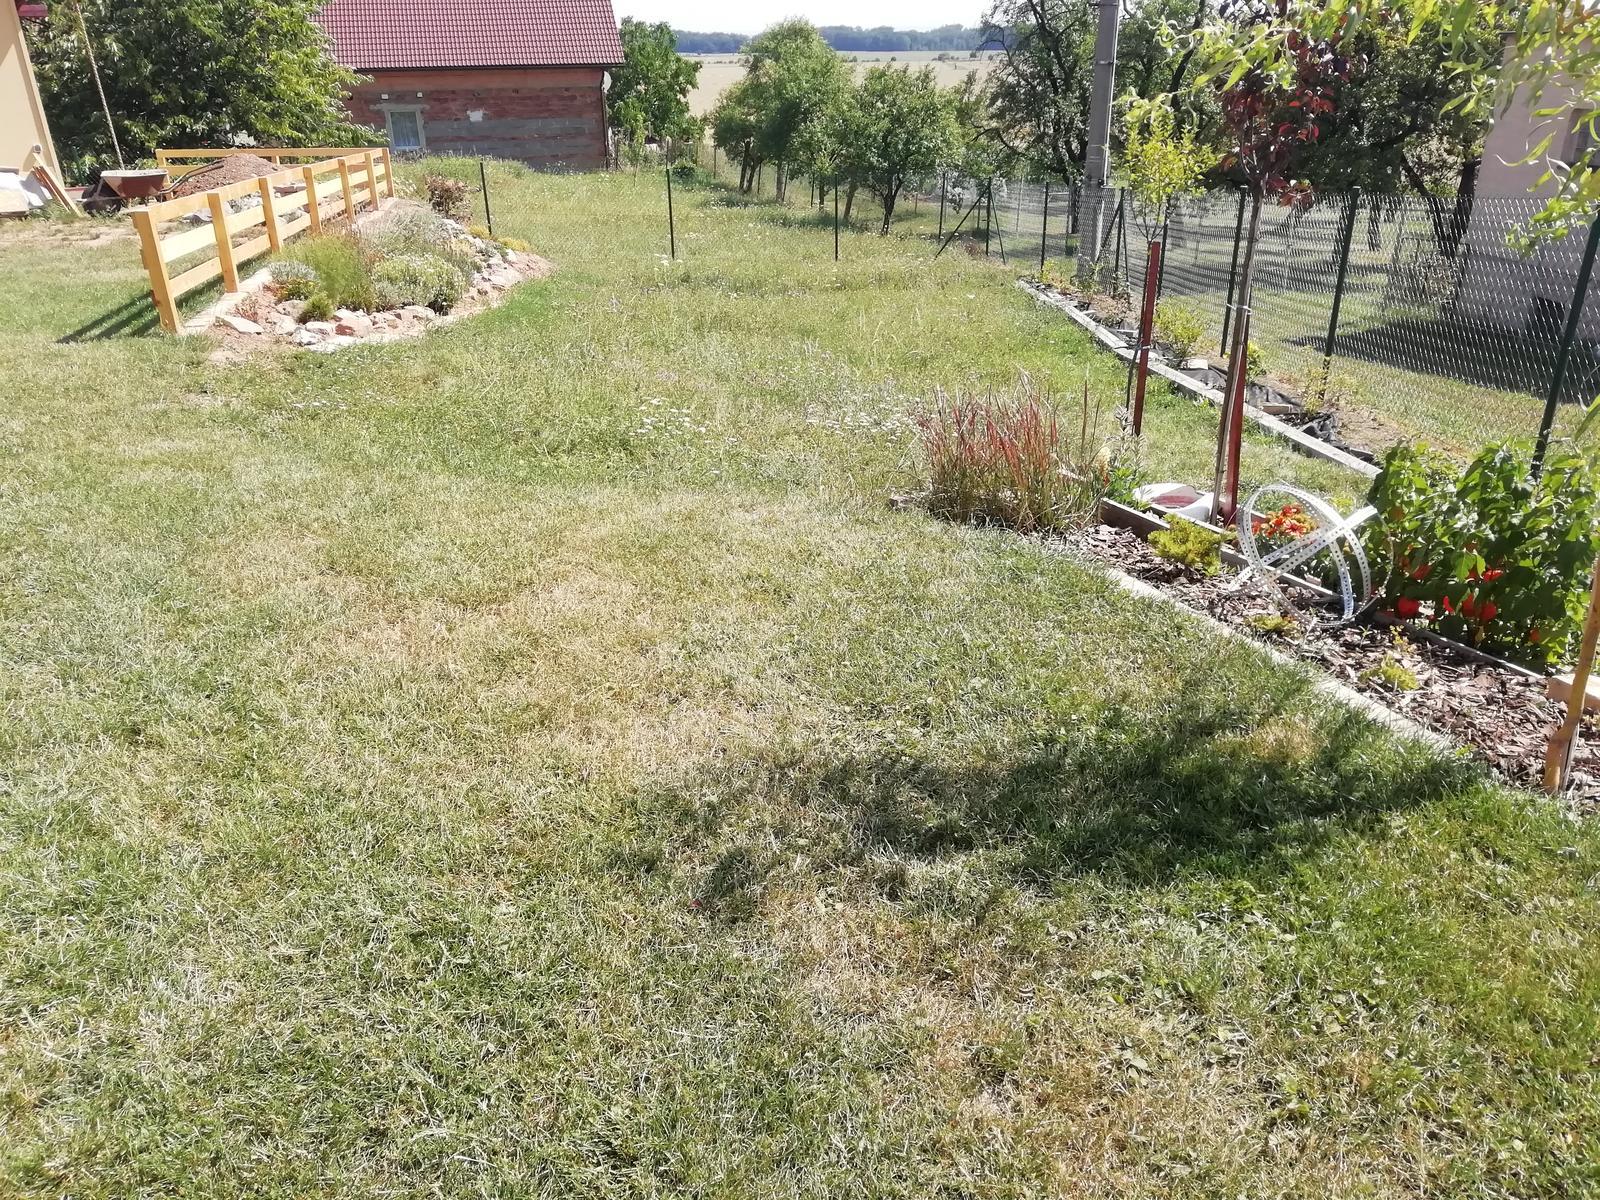 Venku (tam kde už to nevypadá jako staveniště) - Konečně máme plot 🙂